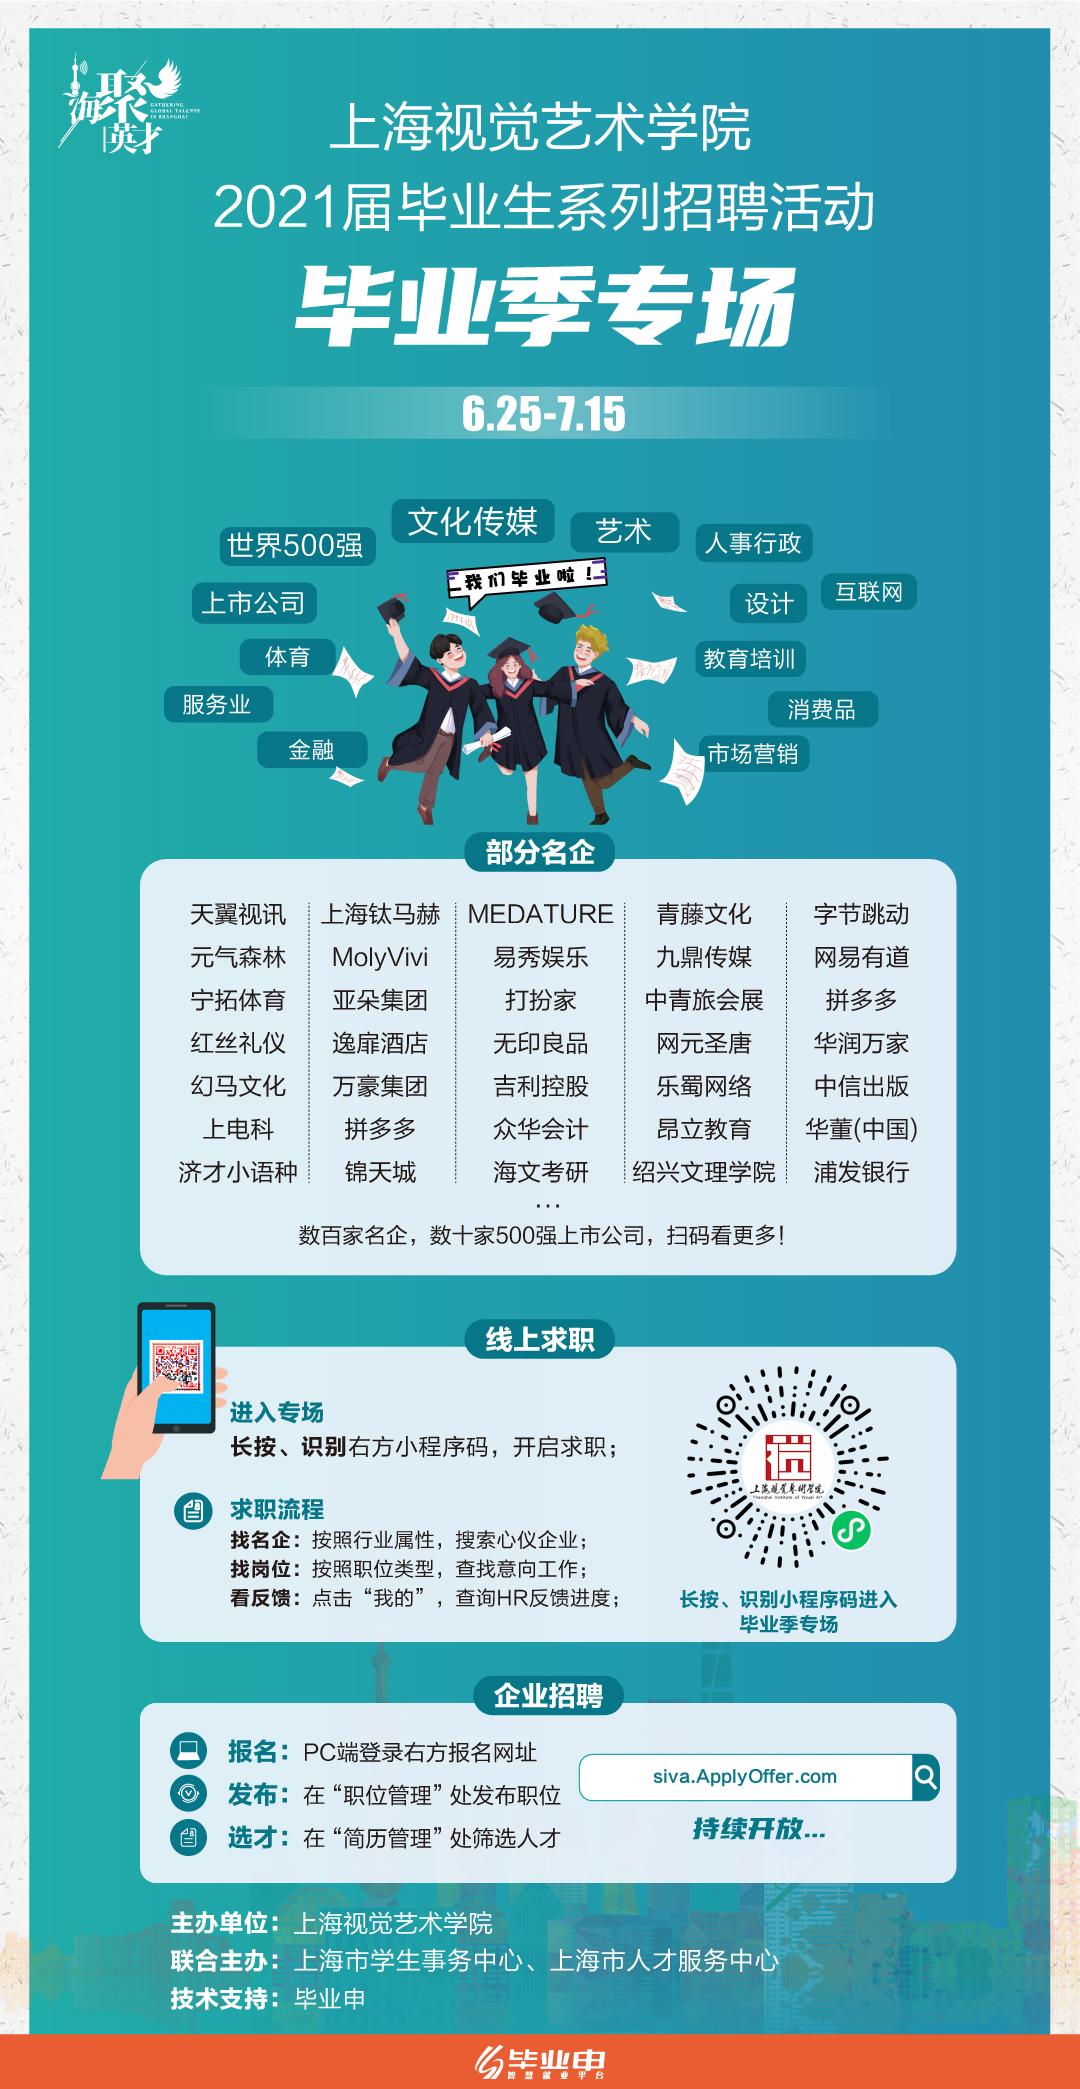 上海视觉艺术学院2021届毕业生系列招聘活动.png